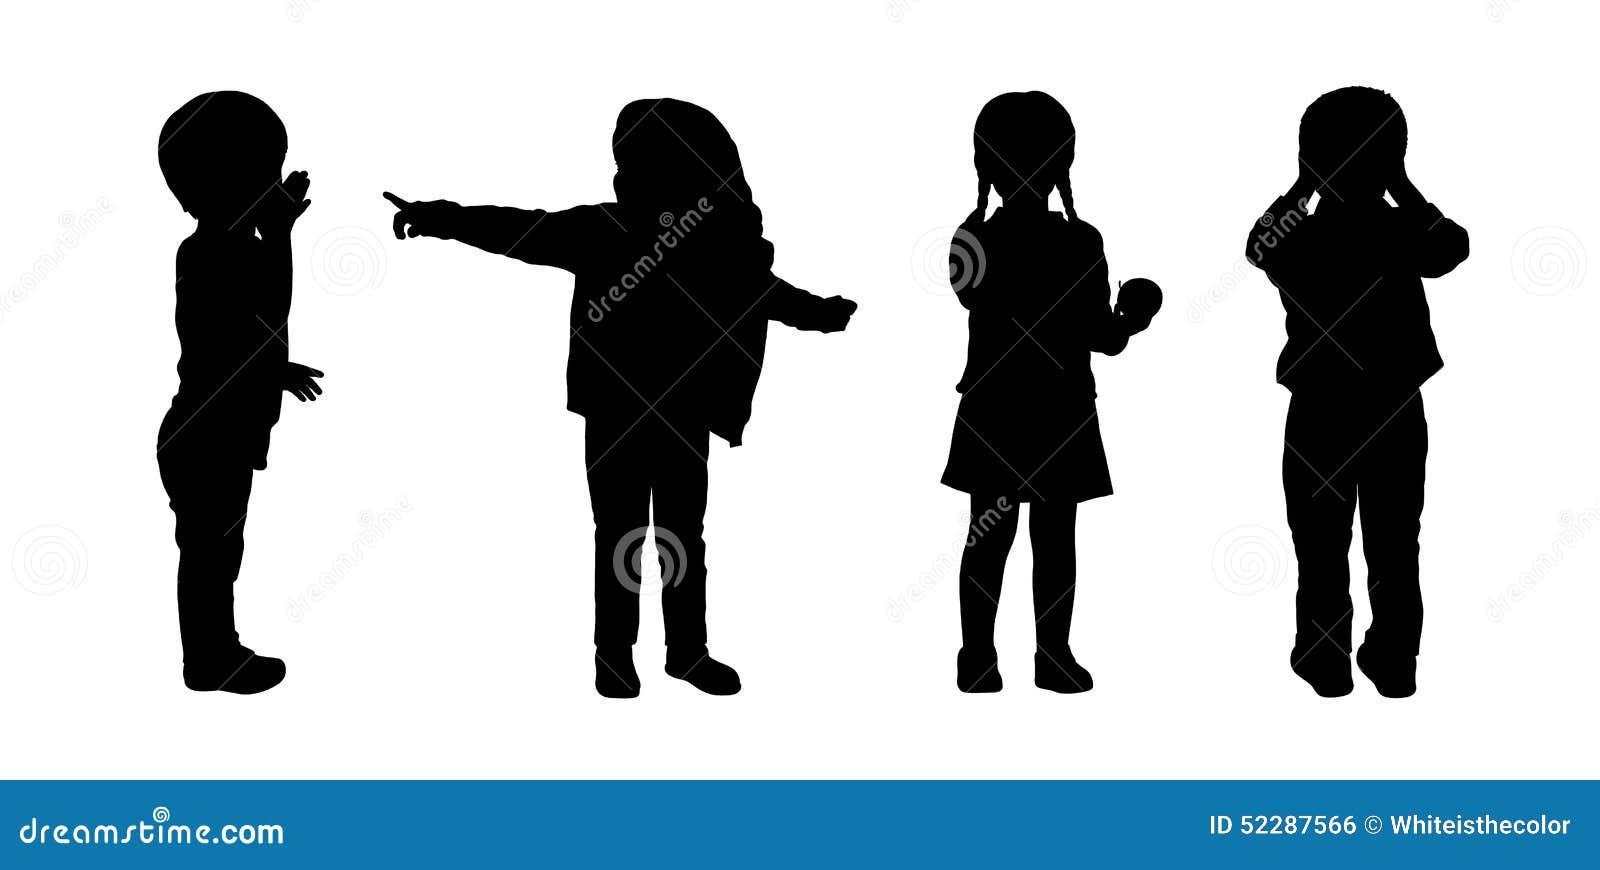 Die kinder die schattenbilder stehen stellten 3 ein - Schattenbilder kinder ...